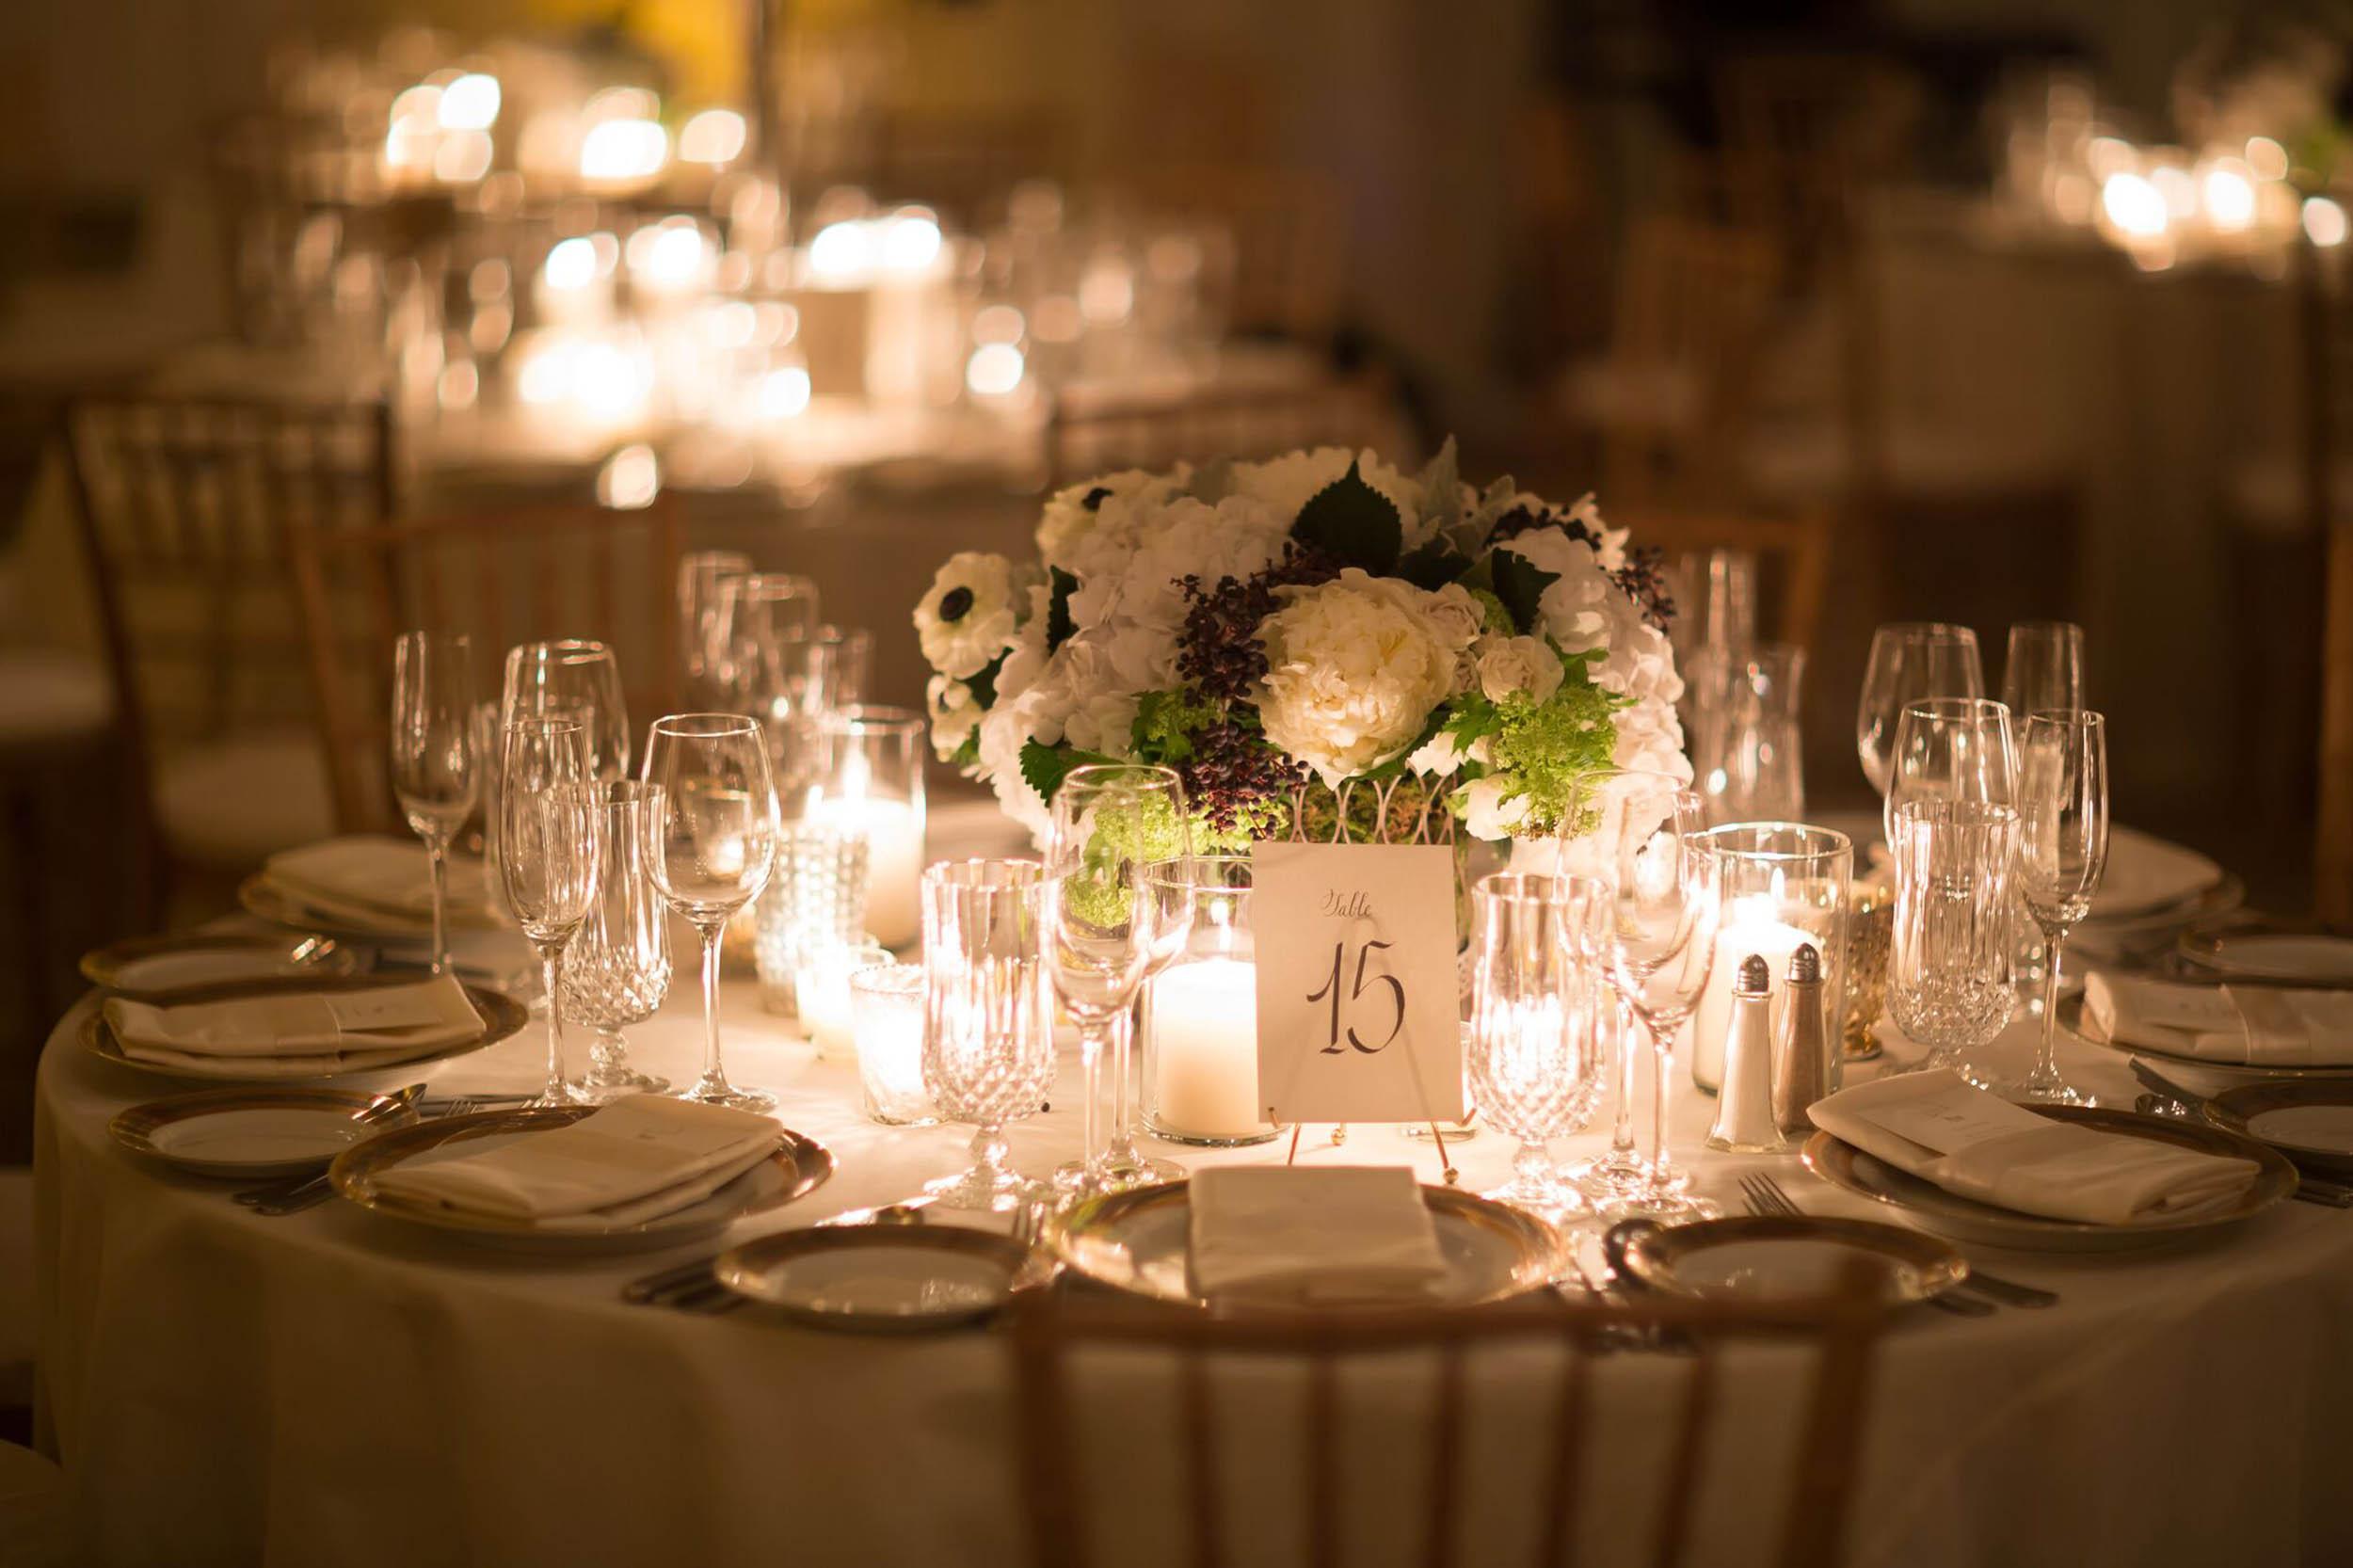 lilacs-florals-wedding-florist-reception-hires-068.jpg